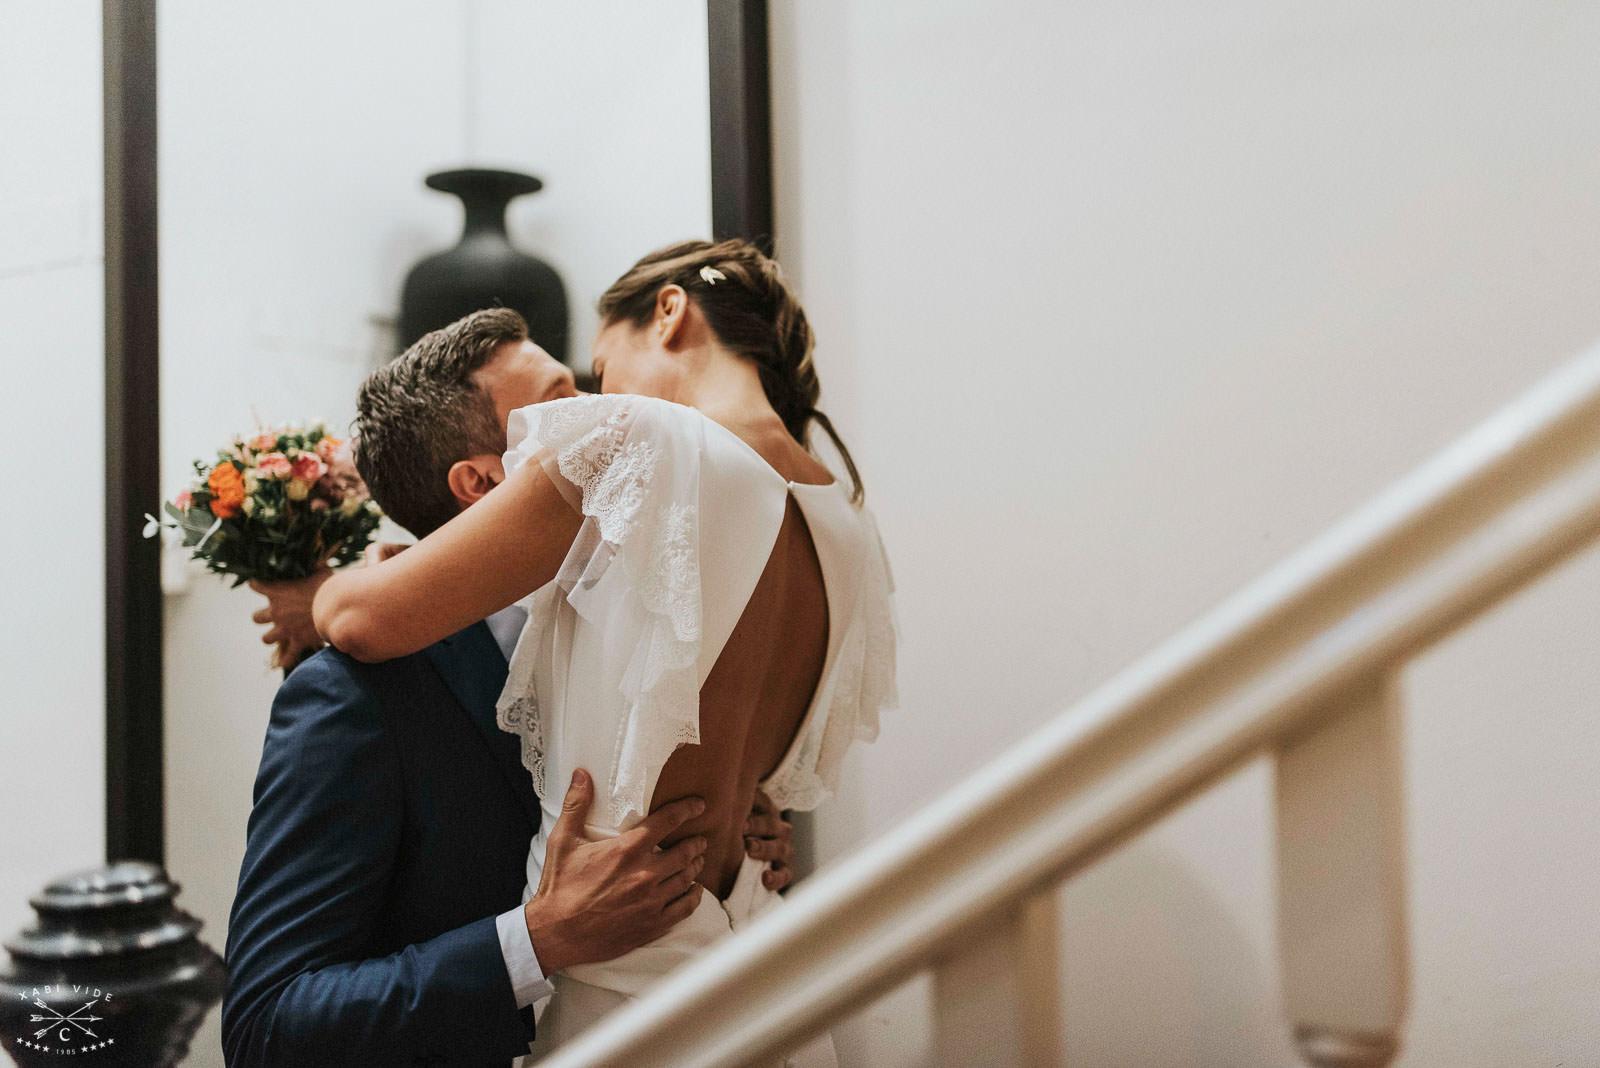 fotografo de bodas en bilbao-118